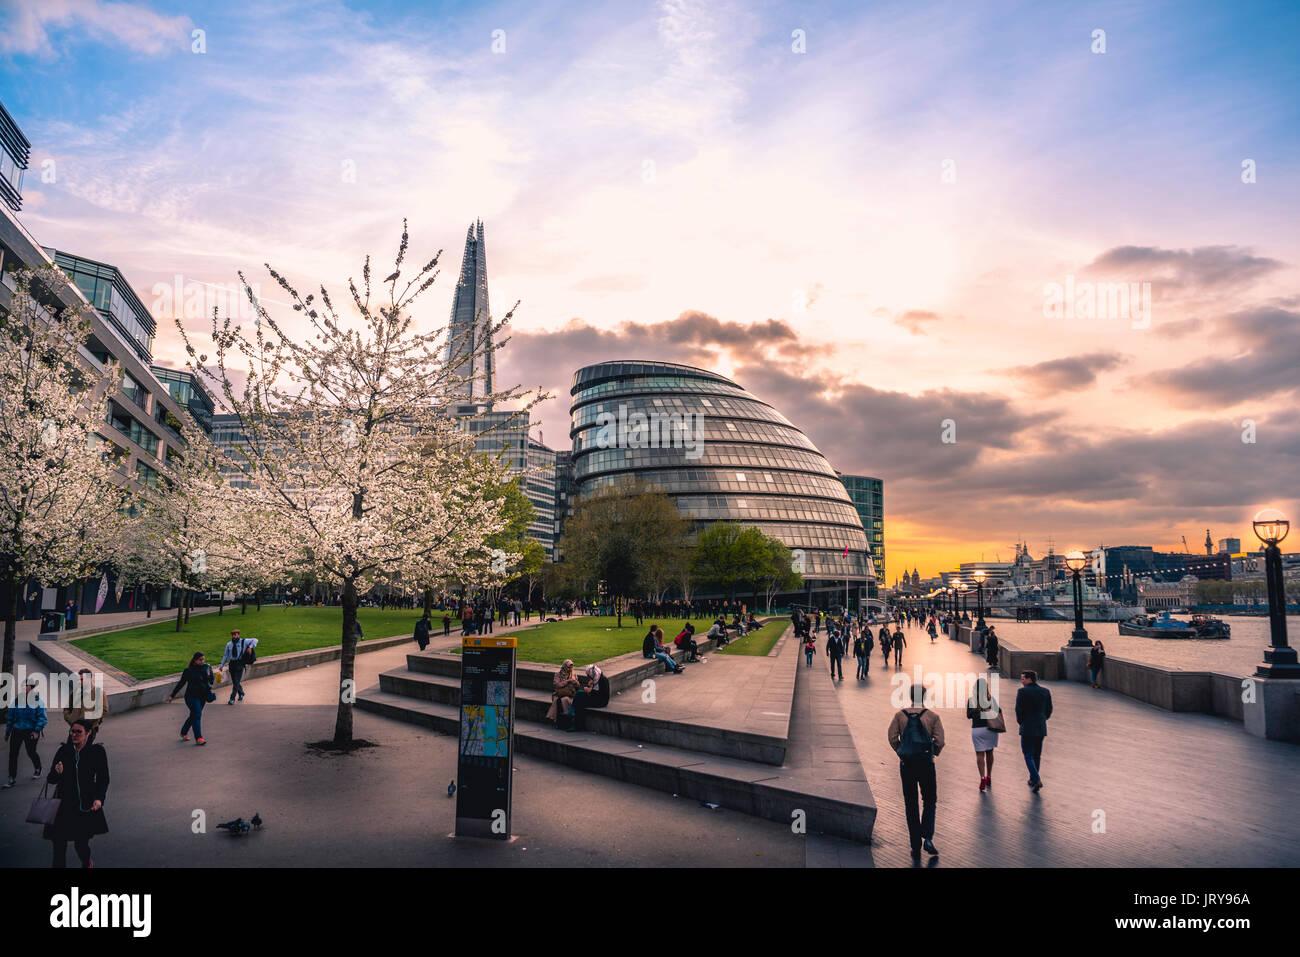 Promenade auf der Themse, Töpfer Felder Park, Skyline, London City Hall, The Shard, bei Sonnenuntergang, Southwark, London, England Stockbild